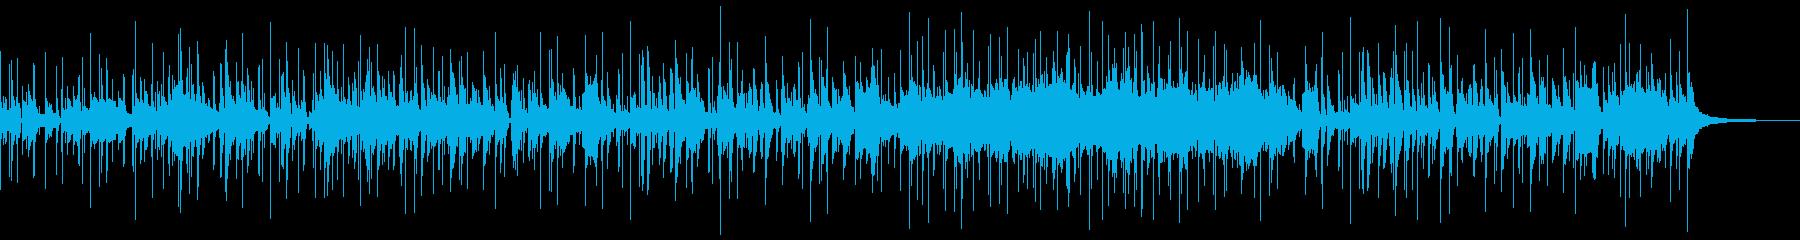 トランペットとピッコロのファンクナンバーの再生済みの波形